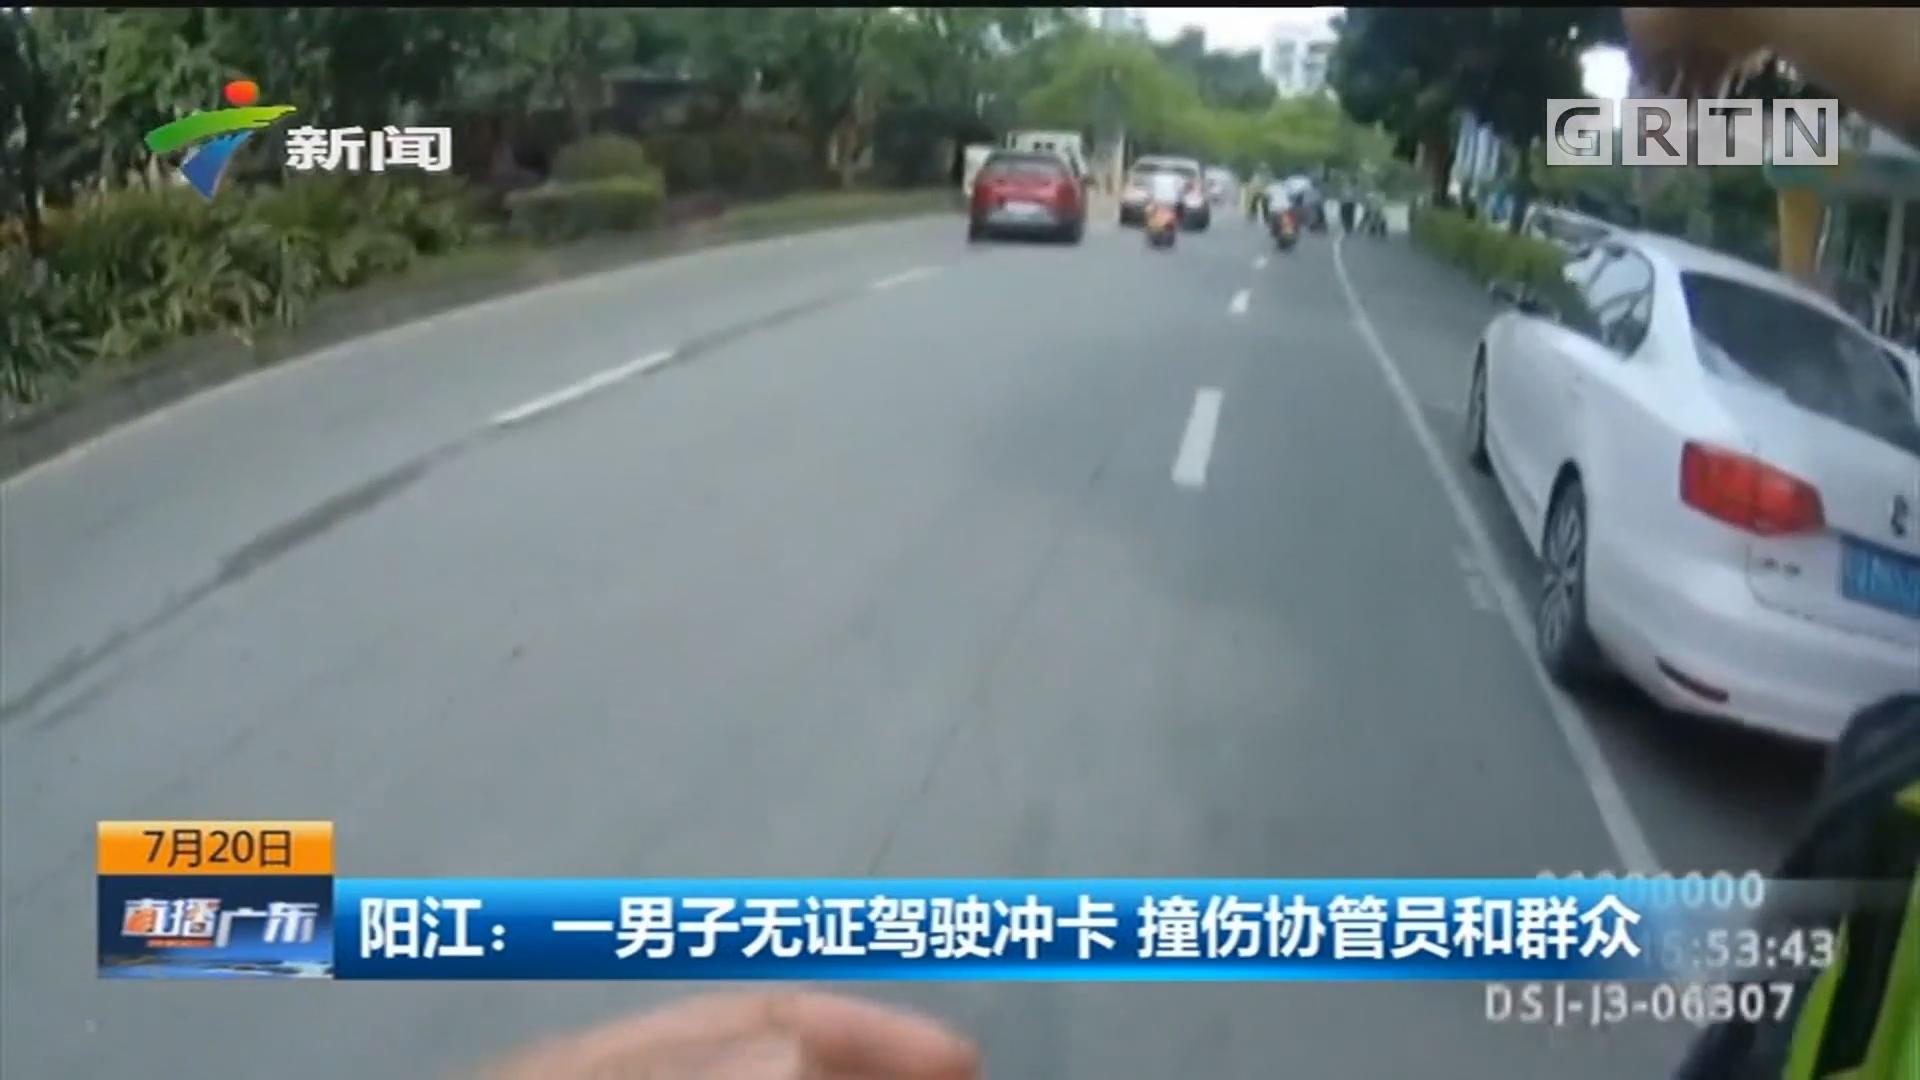 阳江:一男子无证驾驶冲卡 撞伤协管员和群众